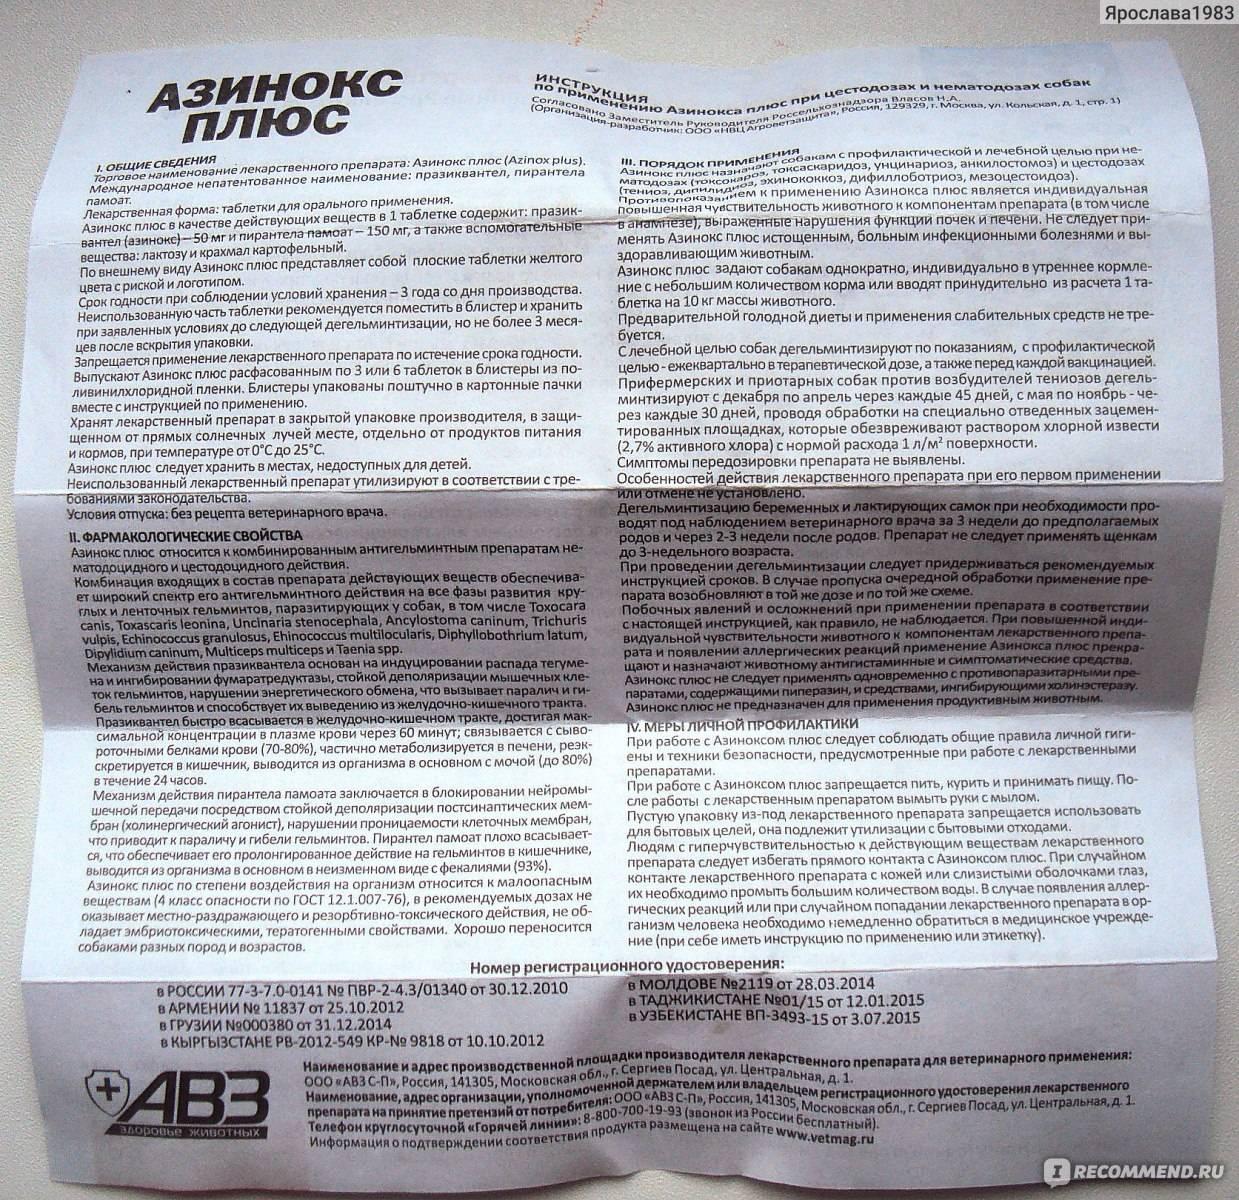 Азинокс - инструкция по применению, отзывы, аналоги, форма выпуска, побочные действия, противопоказания, цена